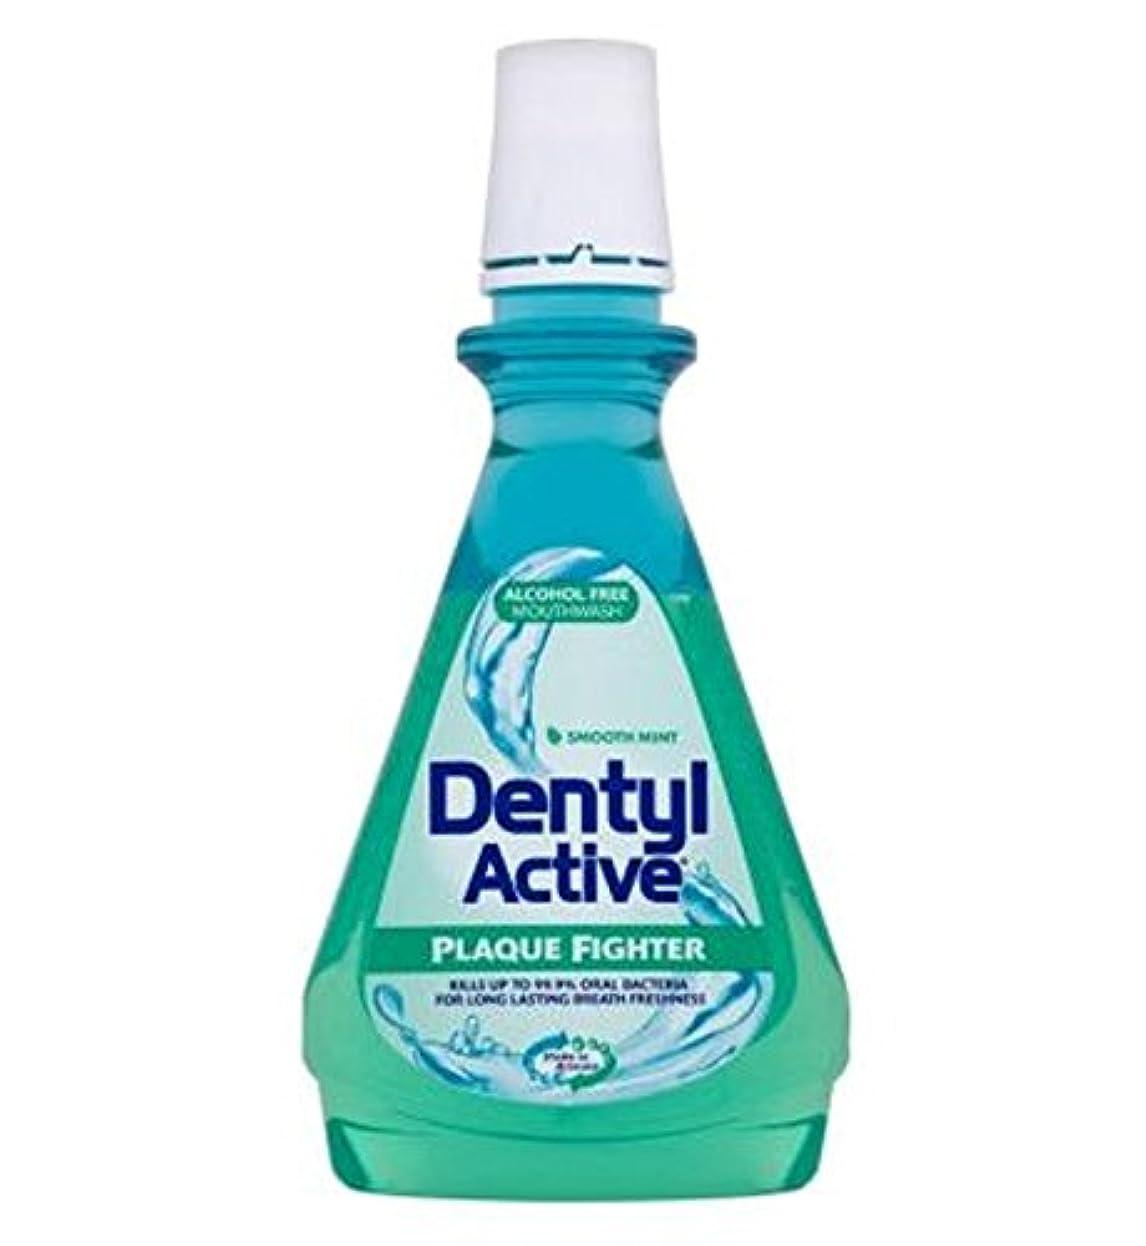 ペネロペファーザーファージュ確実Dentylアクティブな滑らかなミントマウスウォッシュ500ミリリットル (Dentyl) (x2) - Dentyl Active Smooth Mint Mouthwash 500ml (Pack of 2) [並行輸入品]